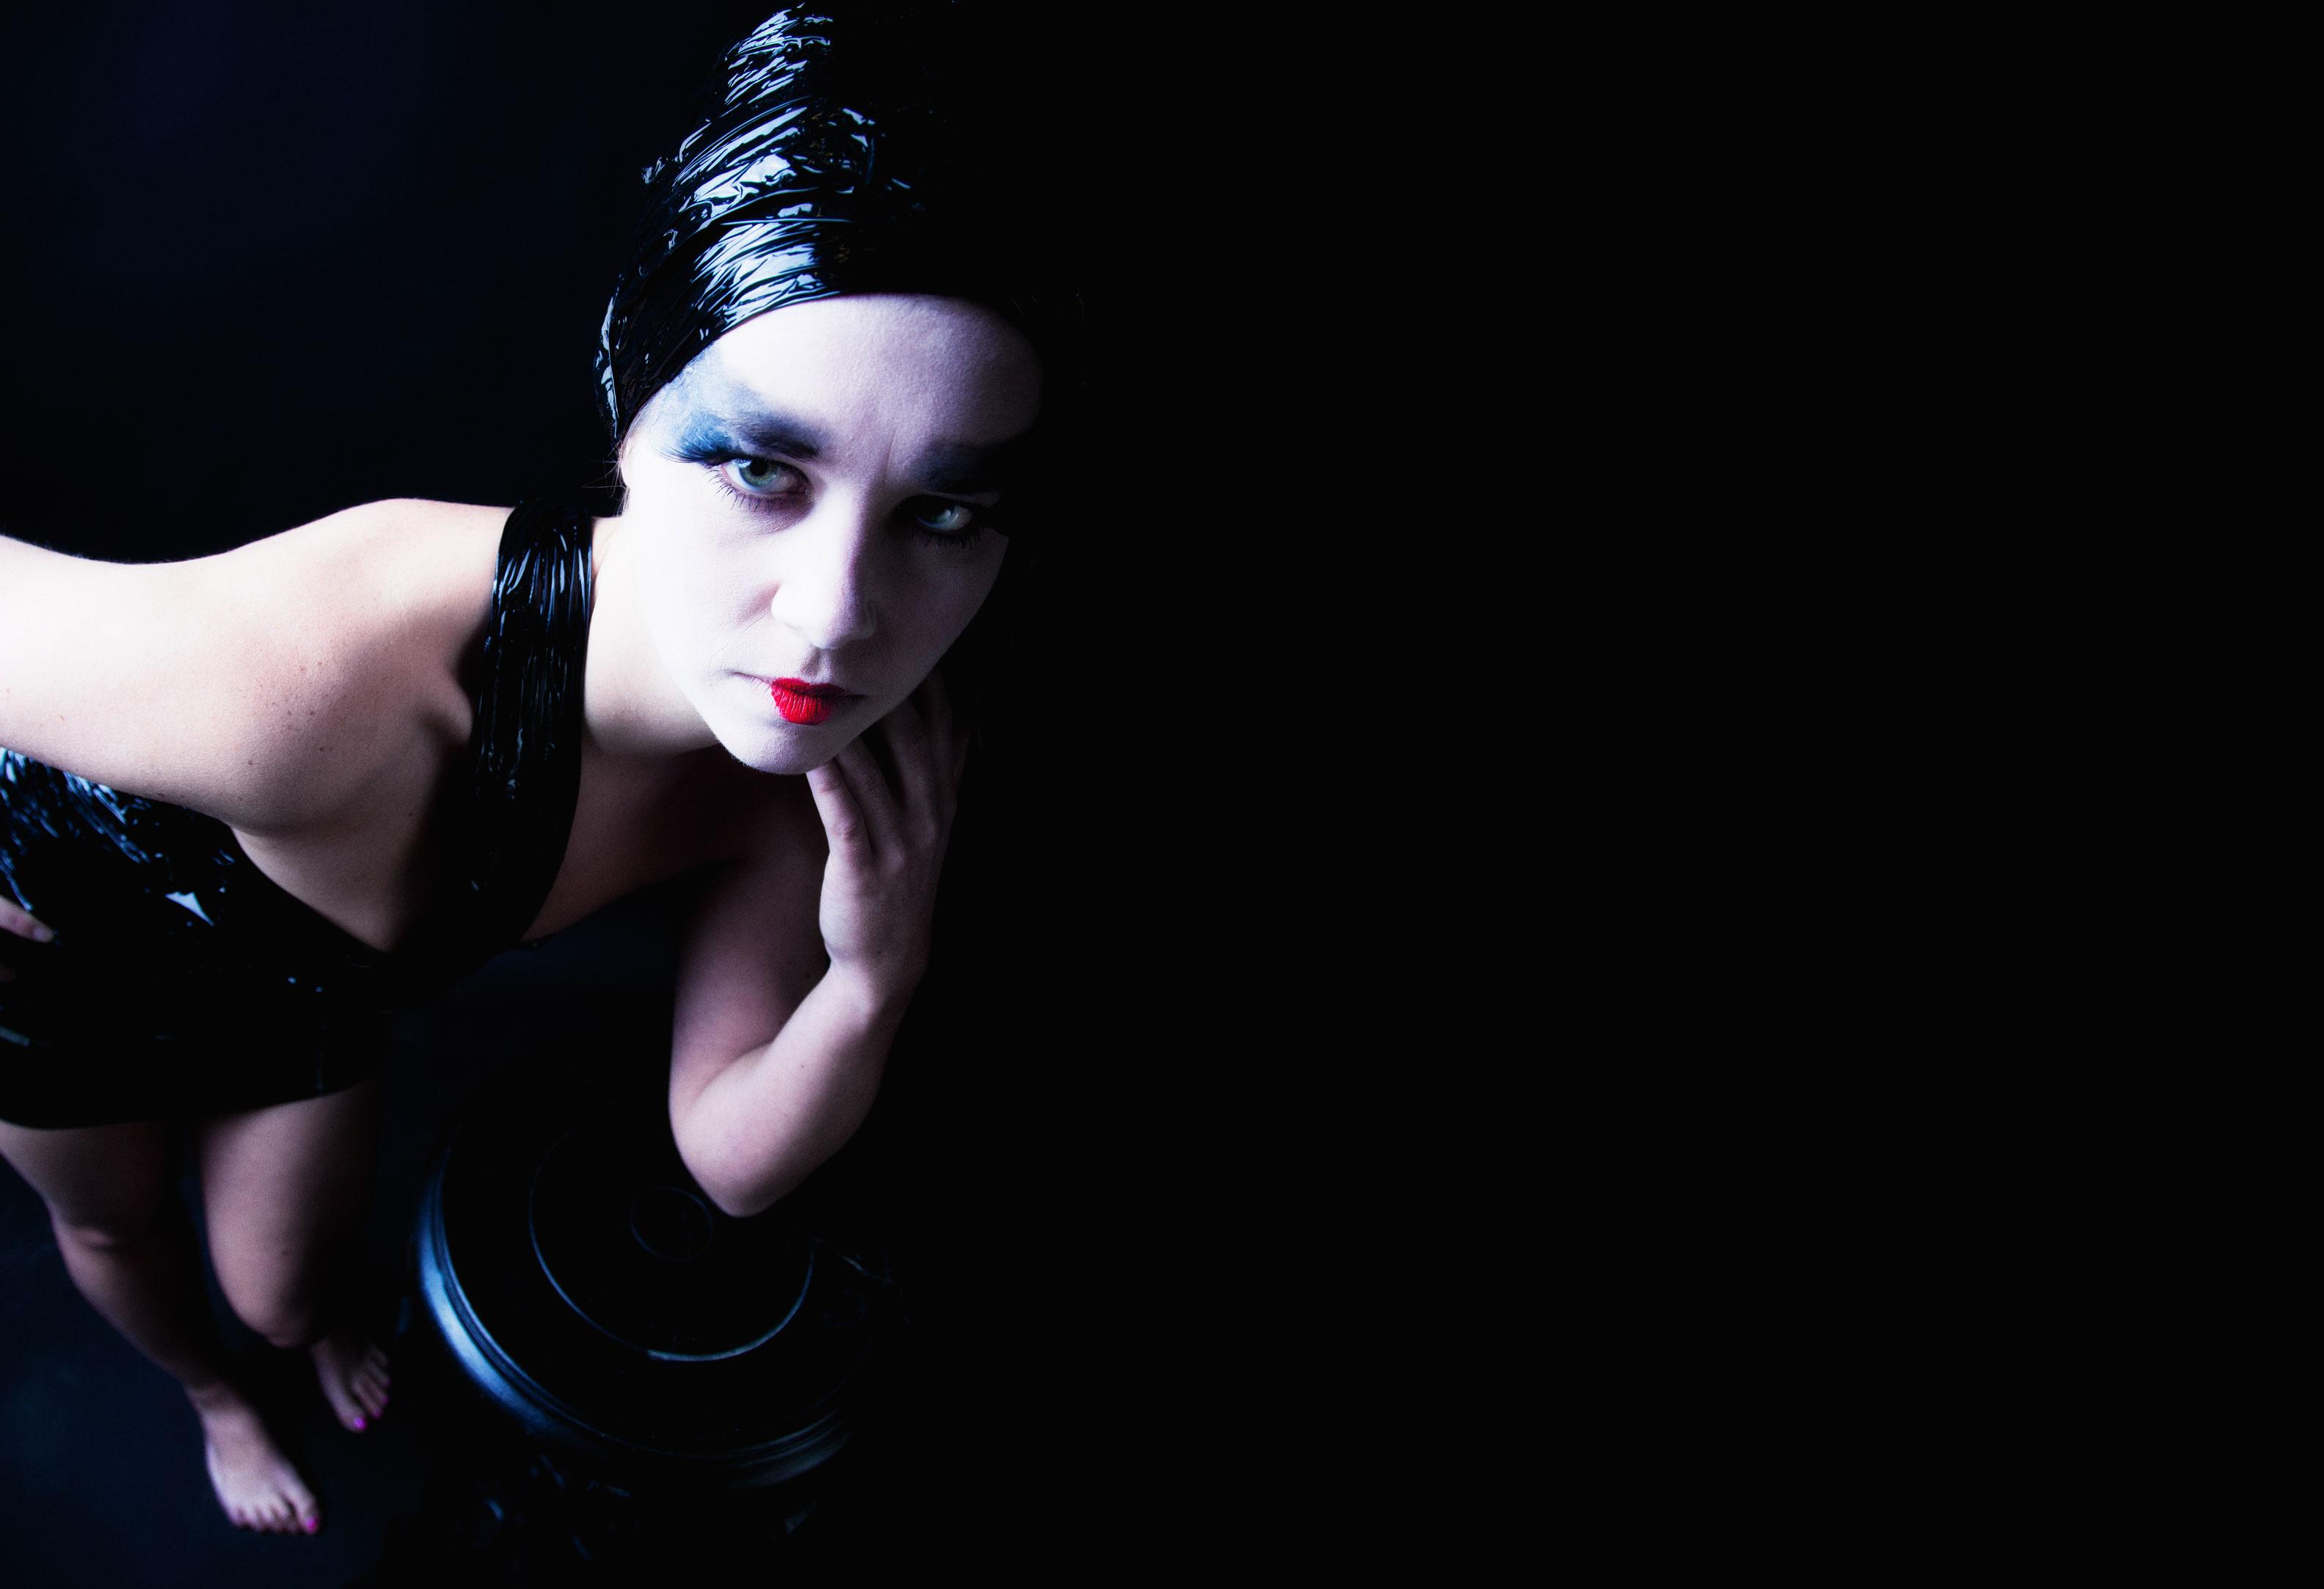 Portret dark glamour 2 door Juri Hiensch